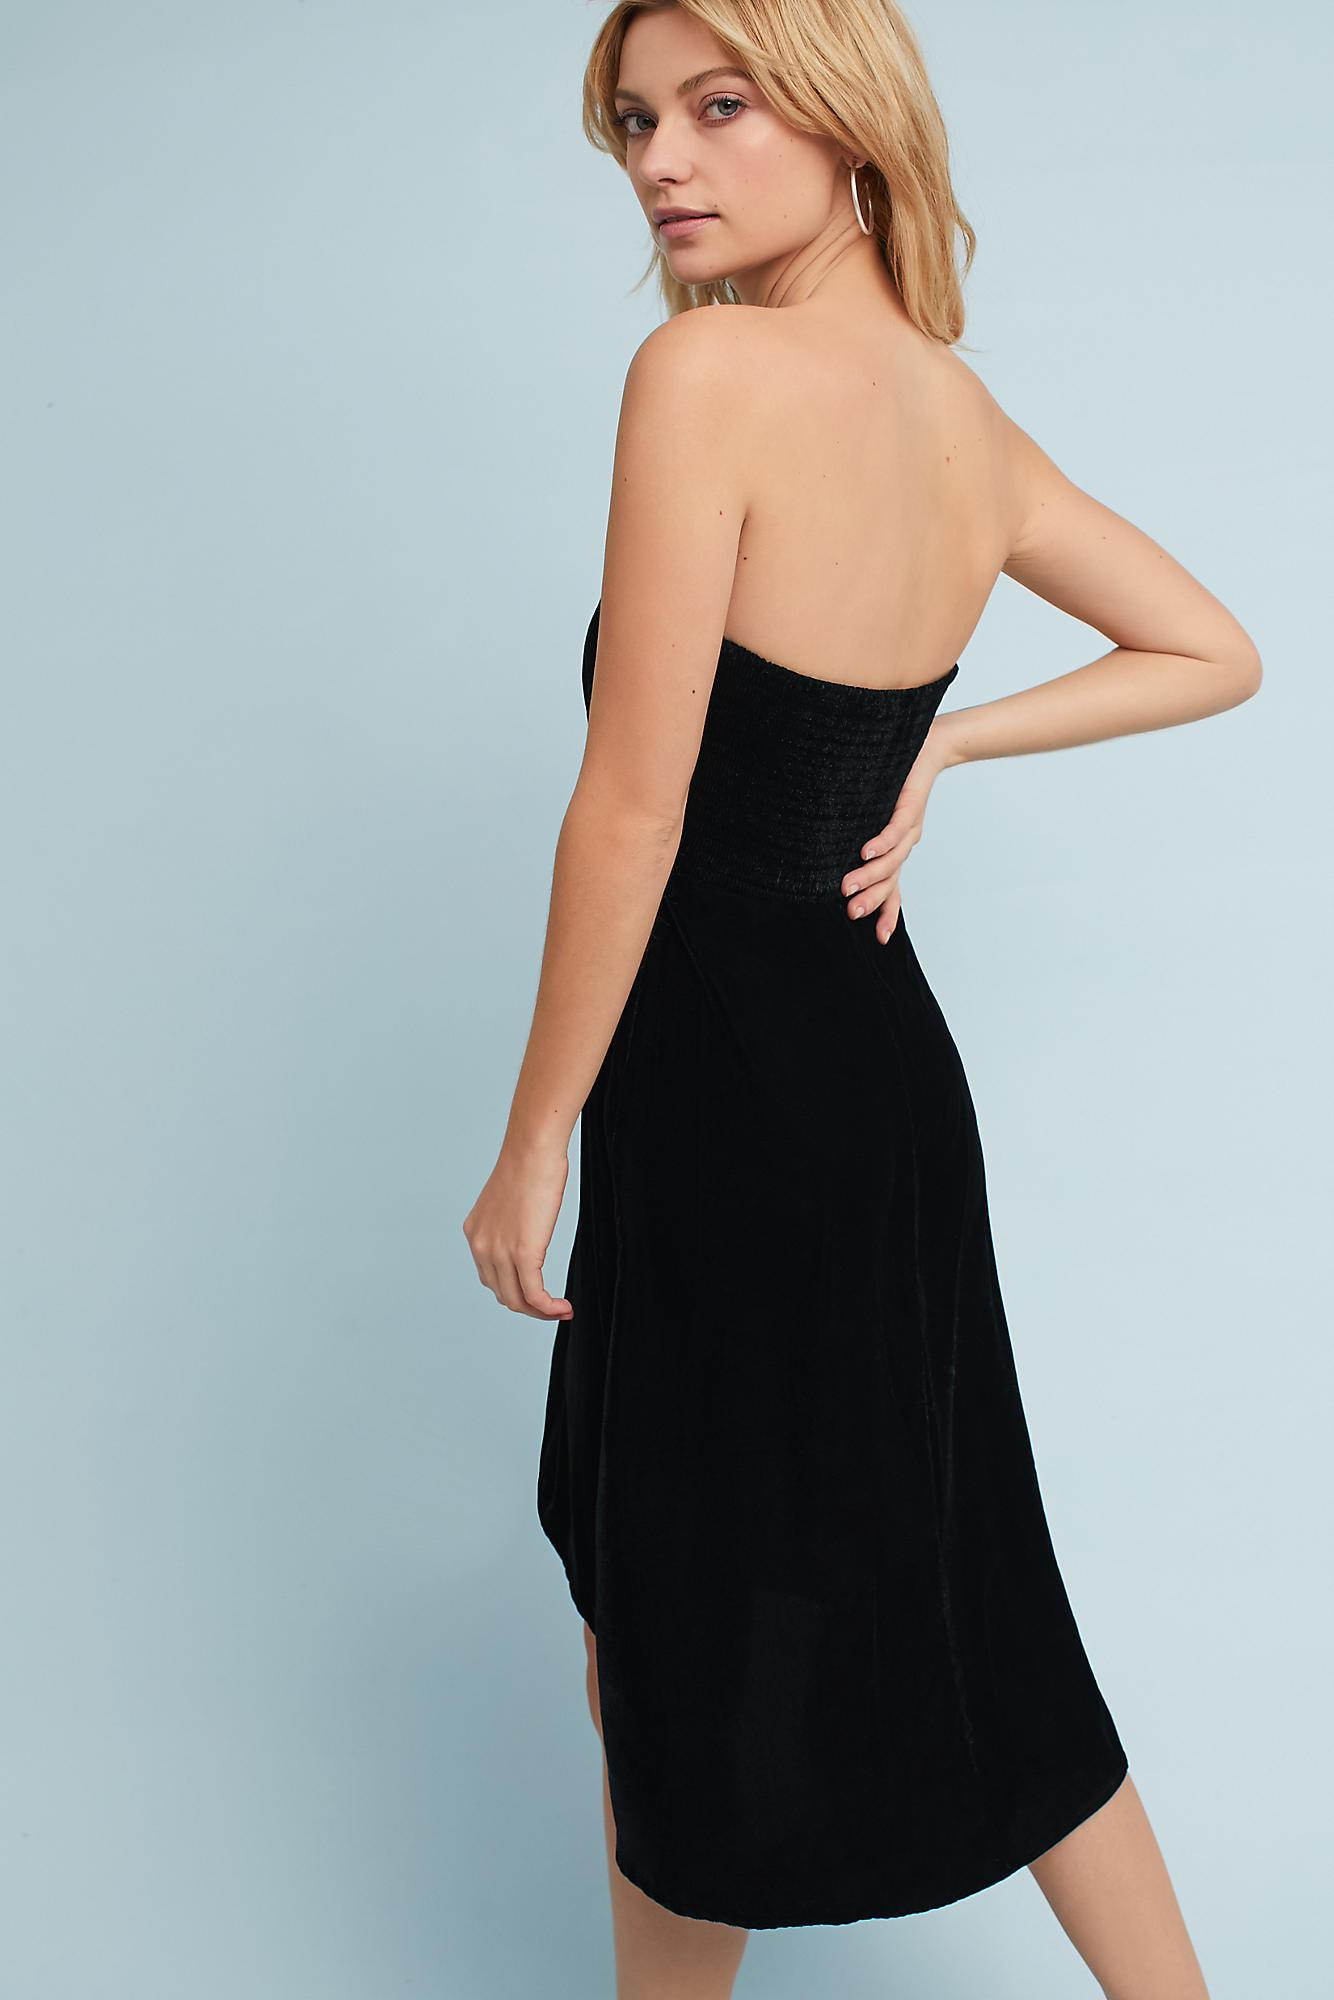 Lyst - Plenty By Tracy Reese Strapless Velvet Petite Dress in Black